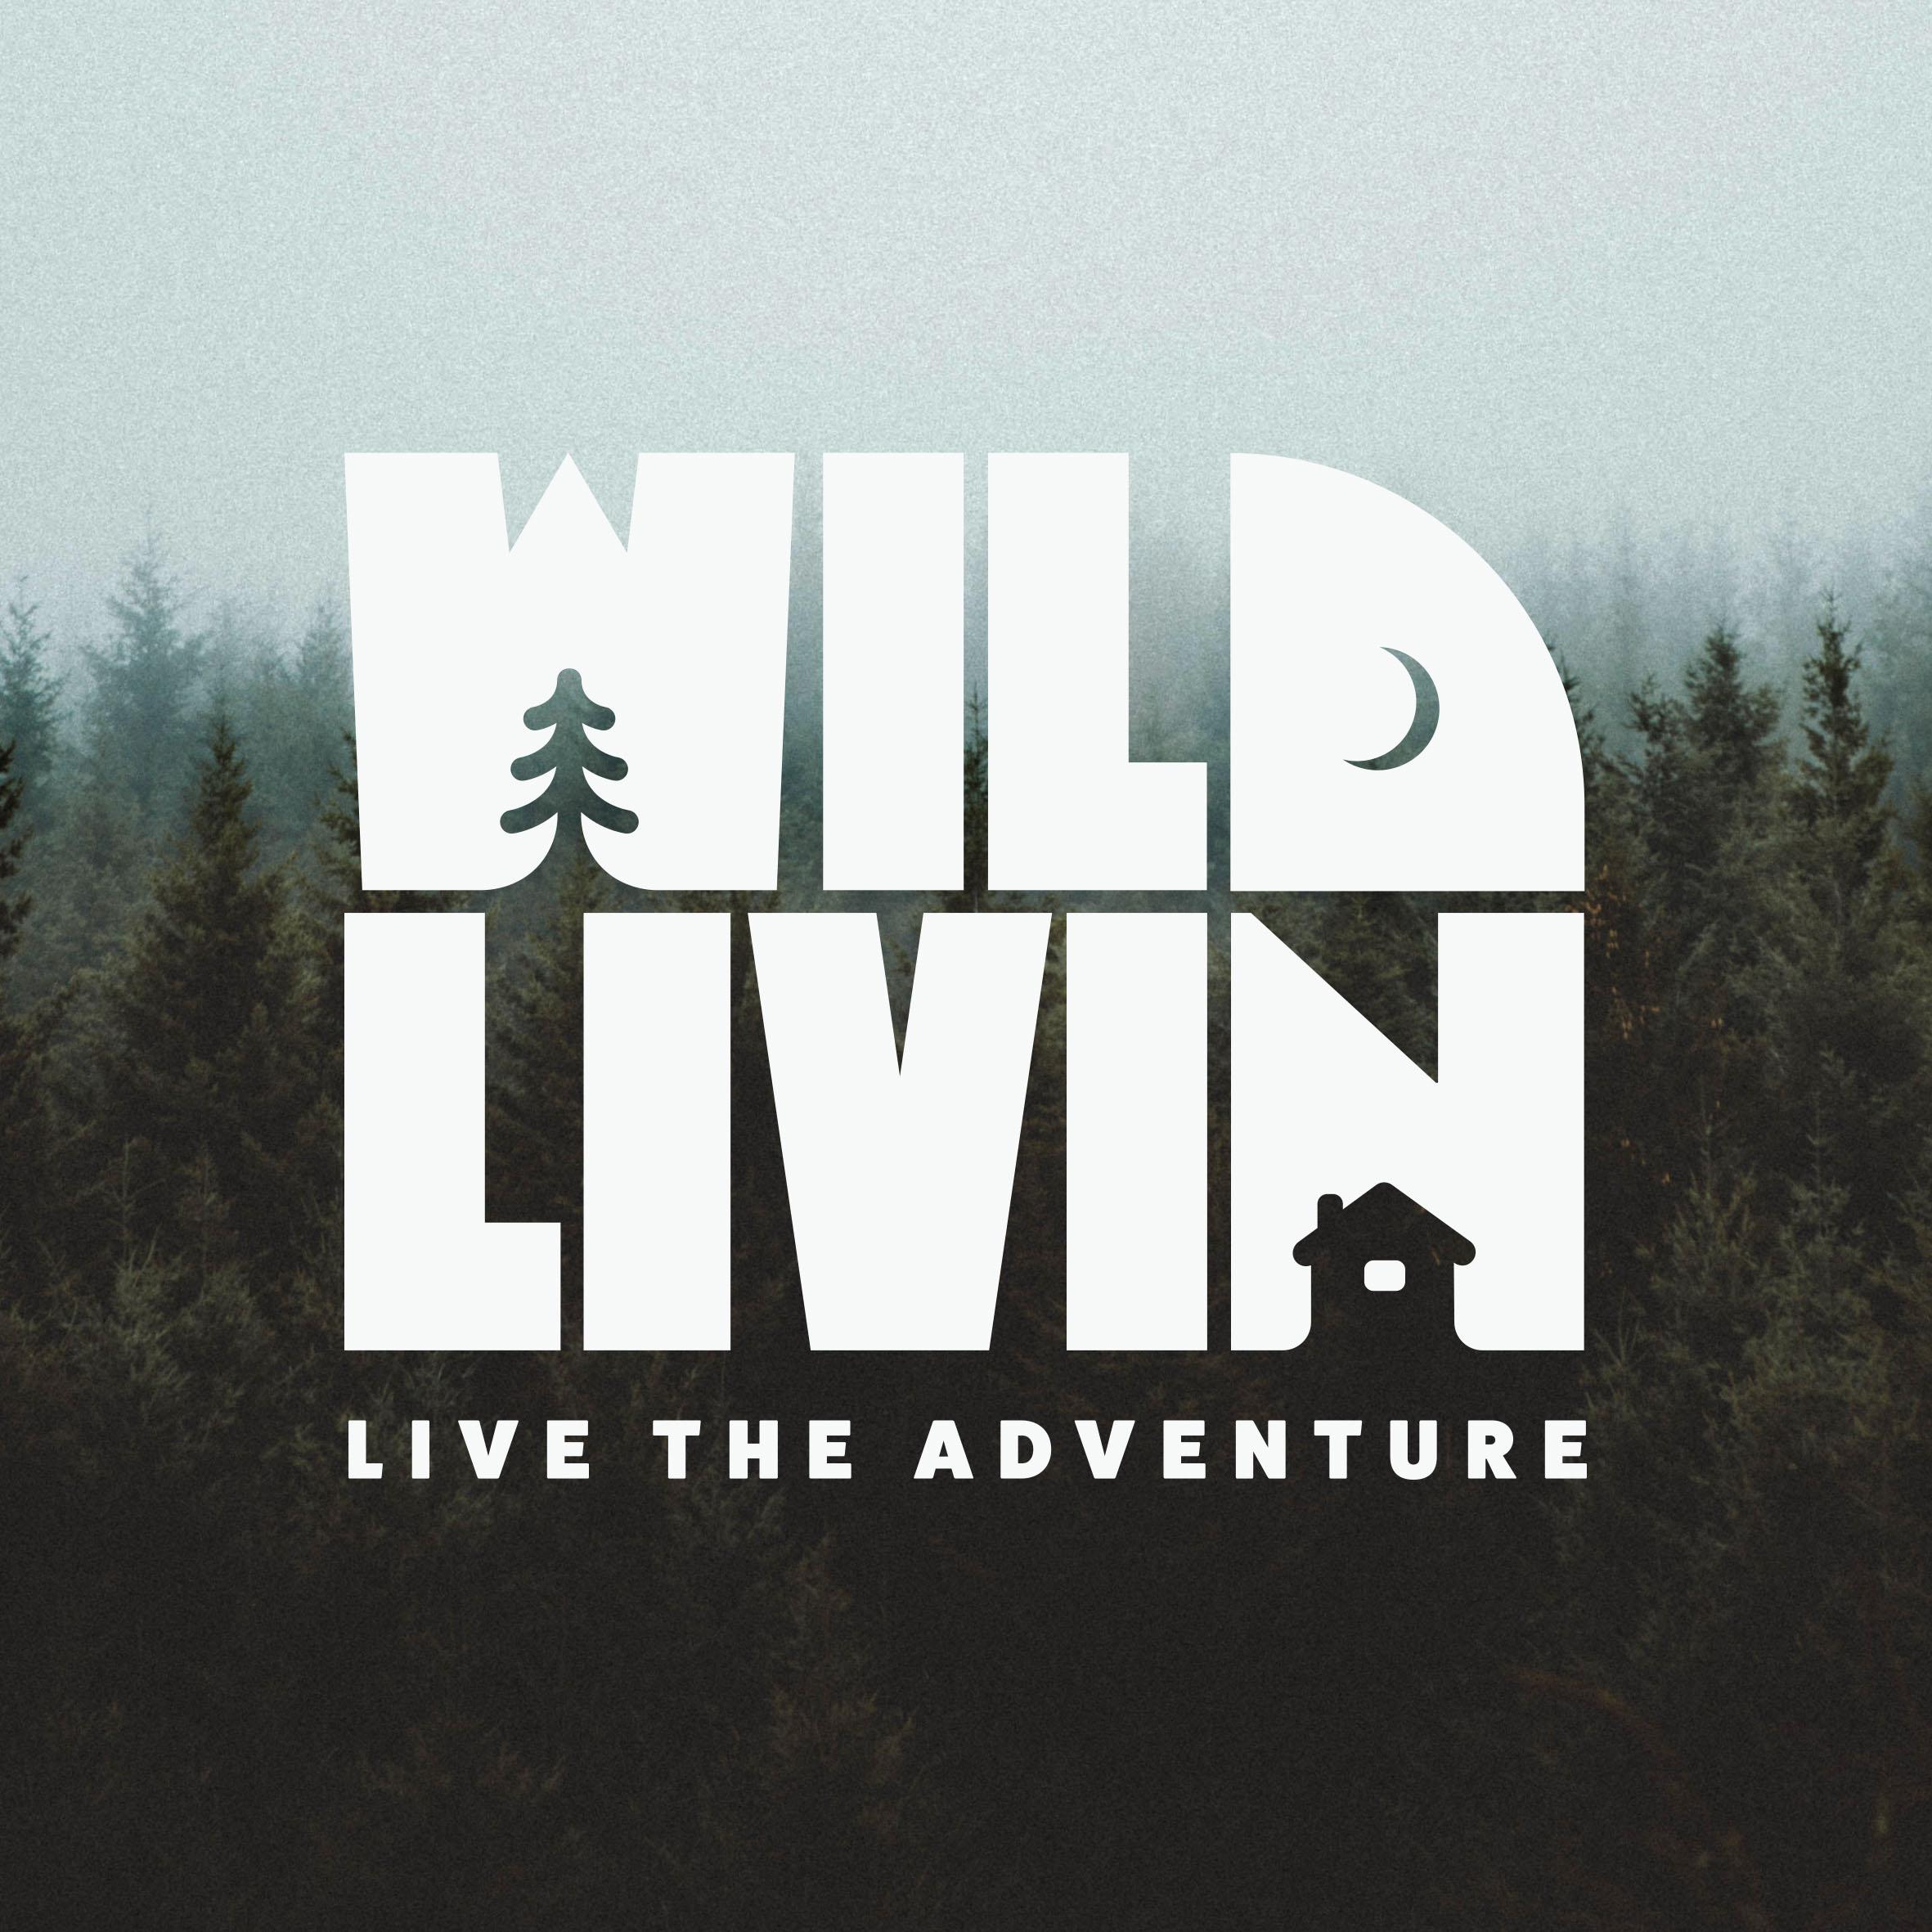 Studioleeroy Creates Brand Identity for Wild Livin